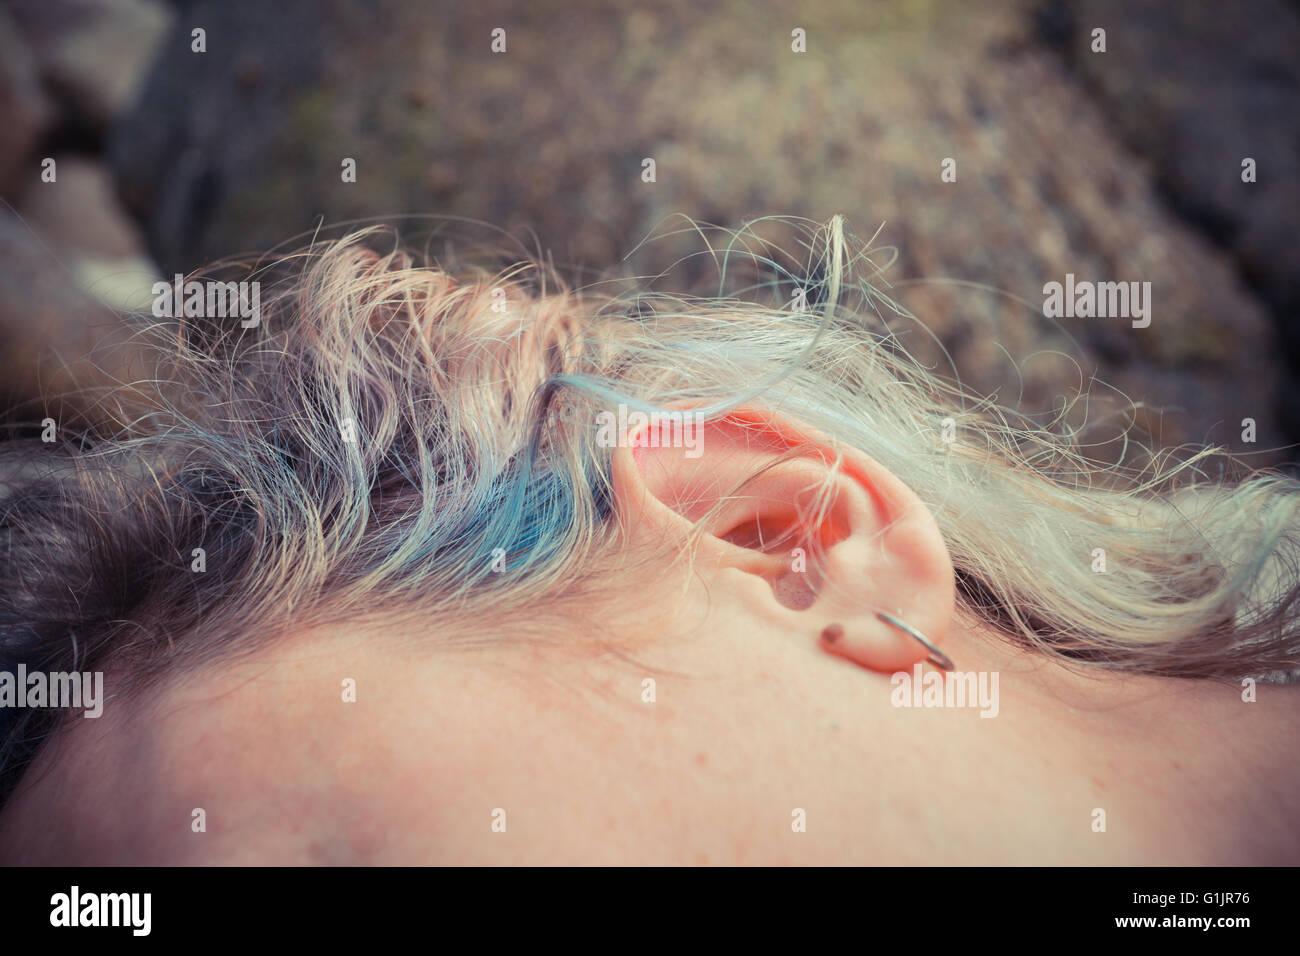 Gros plan sur l'oreille d'une jeune femme comme elle est situé à l'extérieur Photo Stock